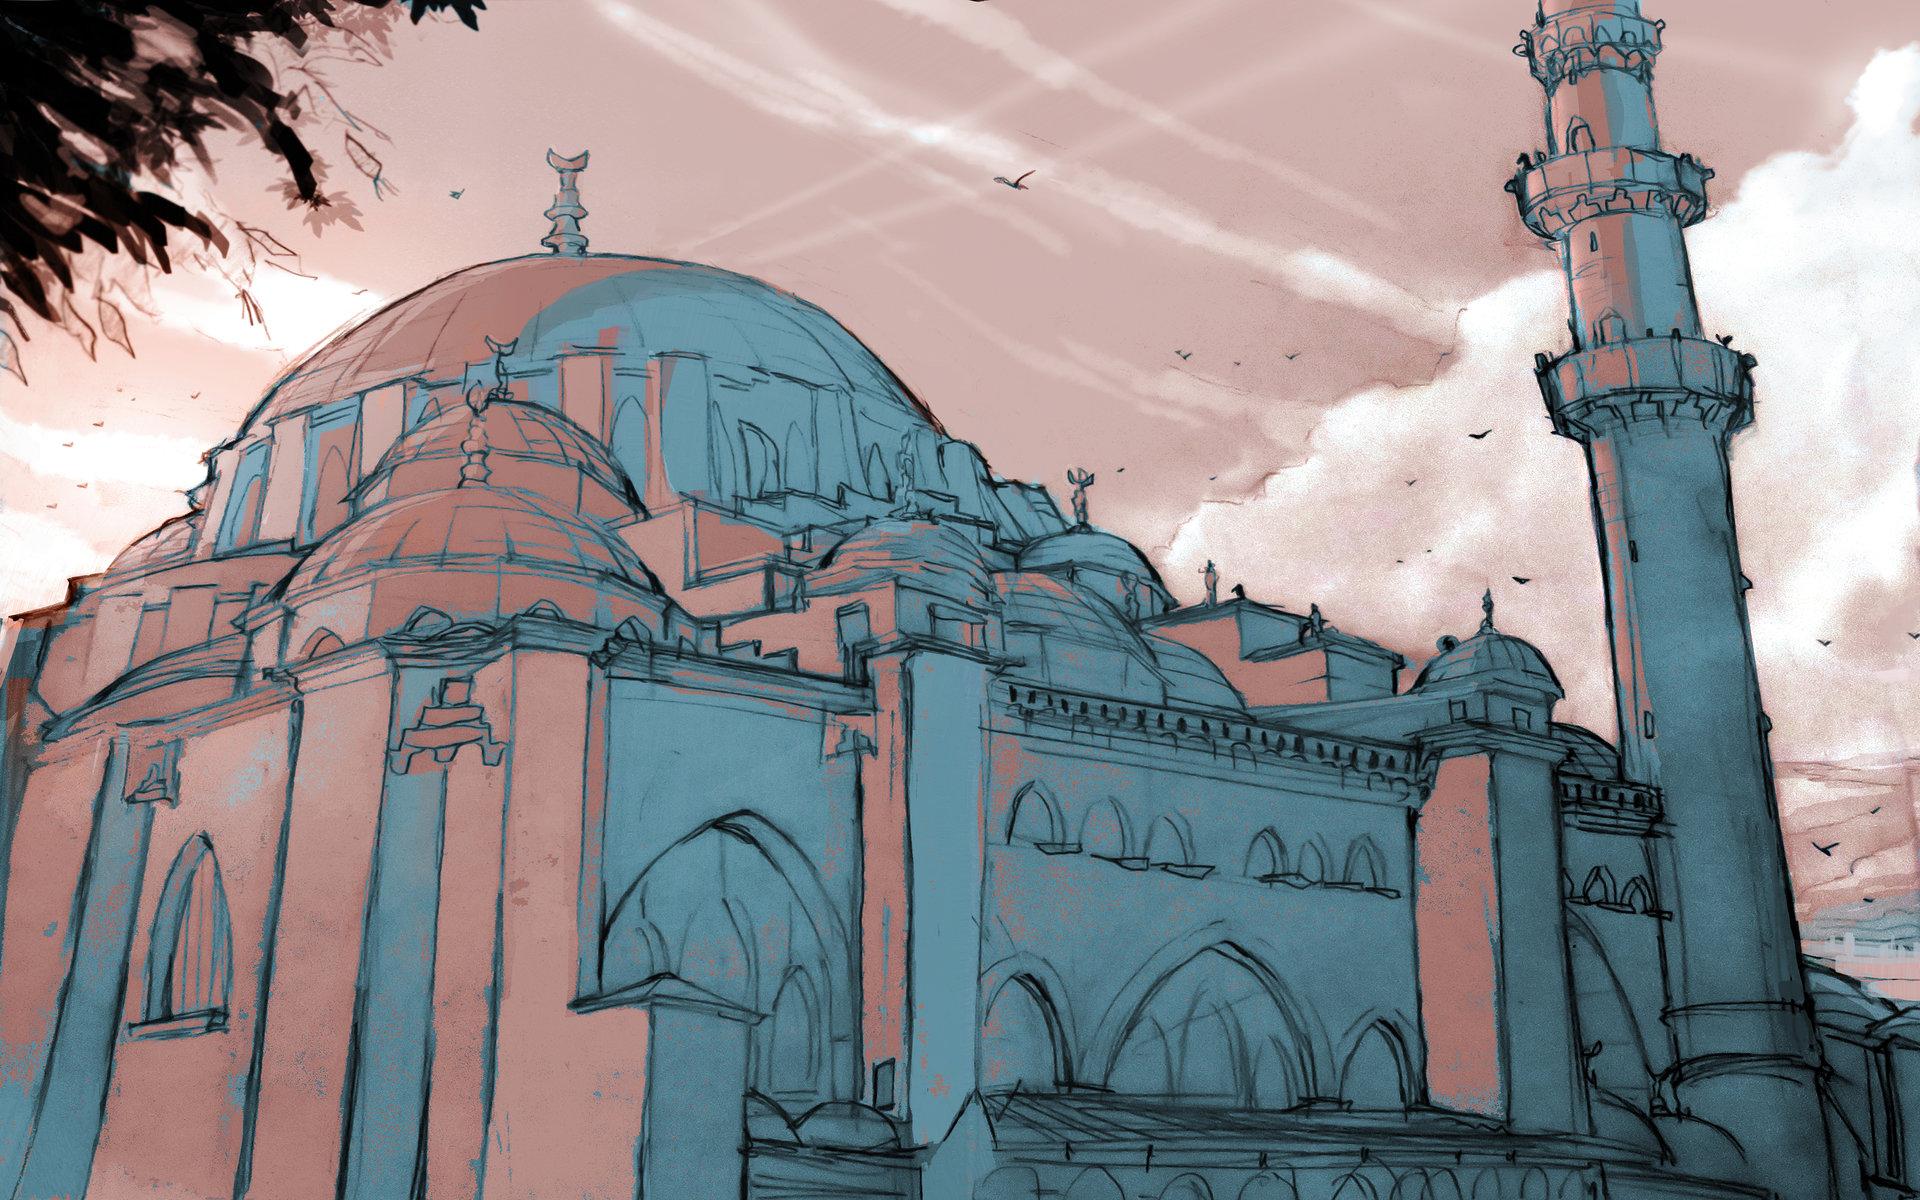 Nils nihils mosque